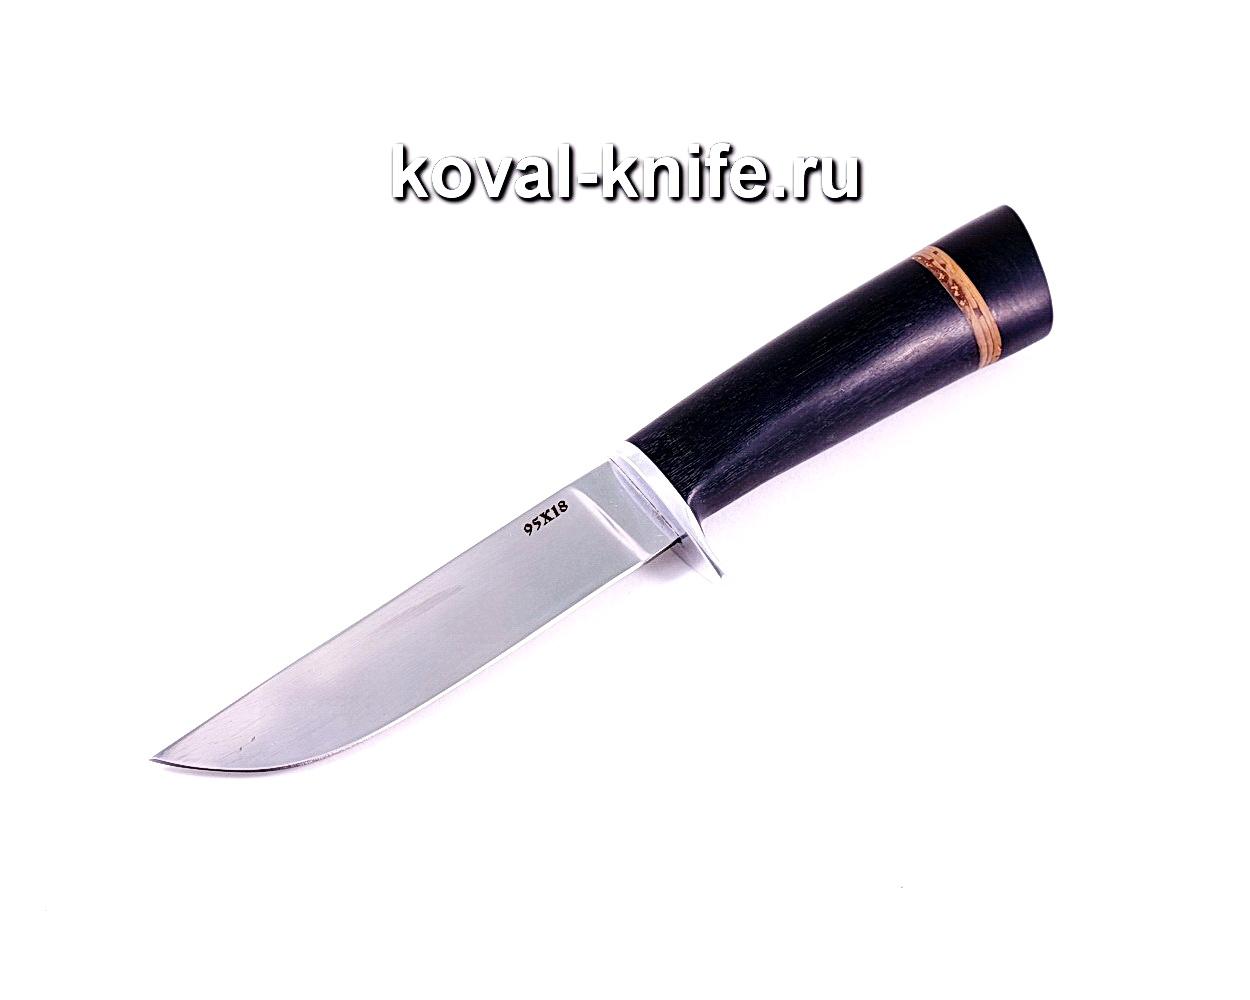 Нож Белка (сталь 95х18), рукоять граб A022